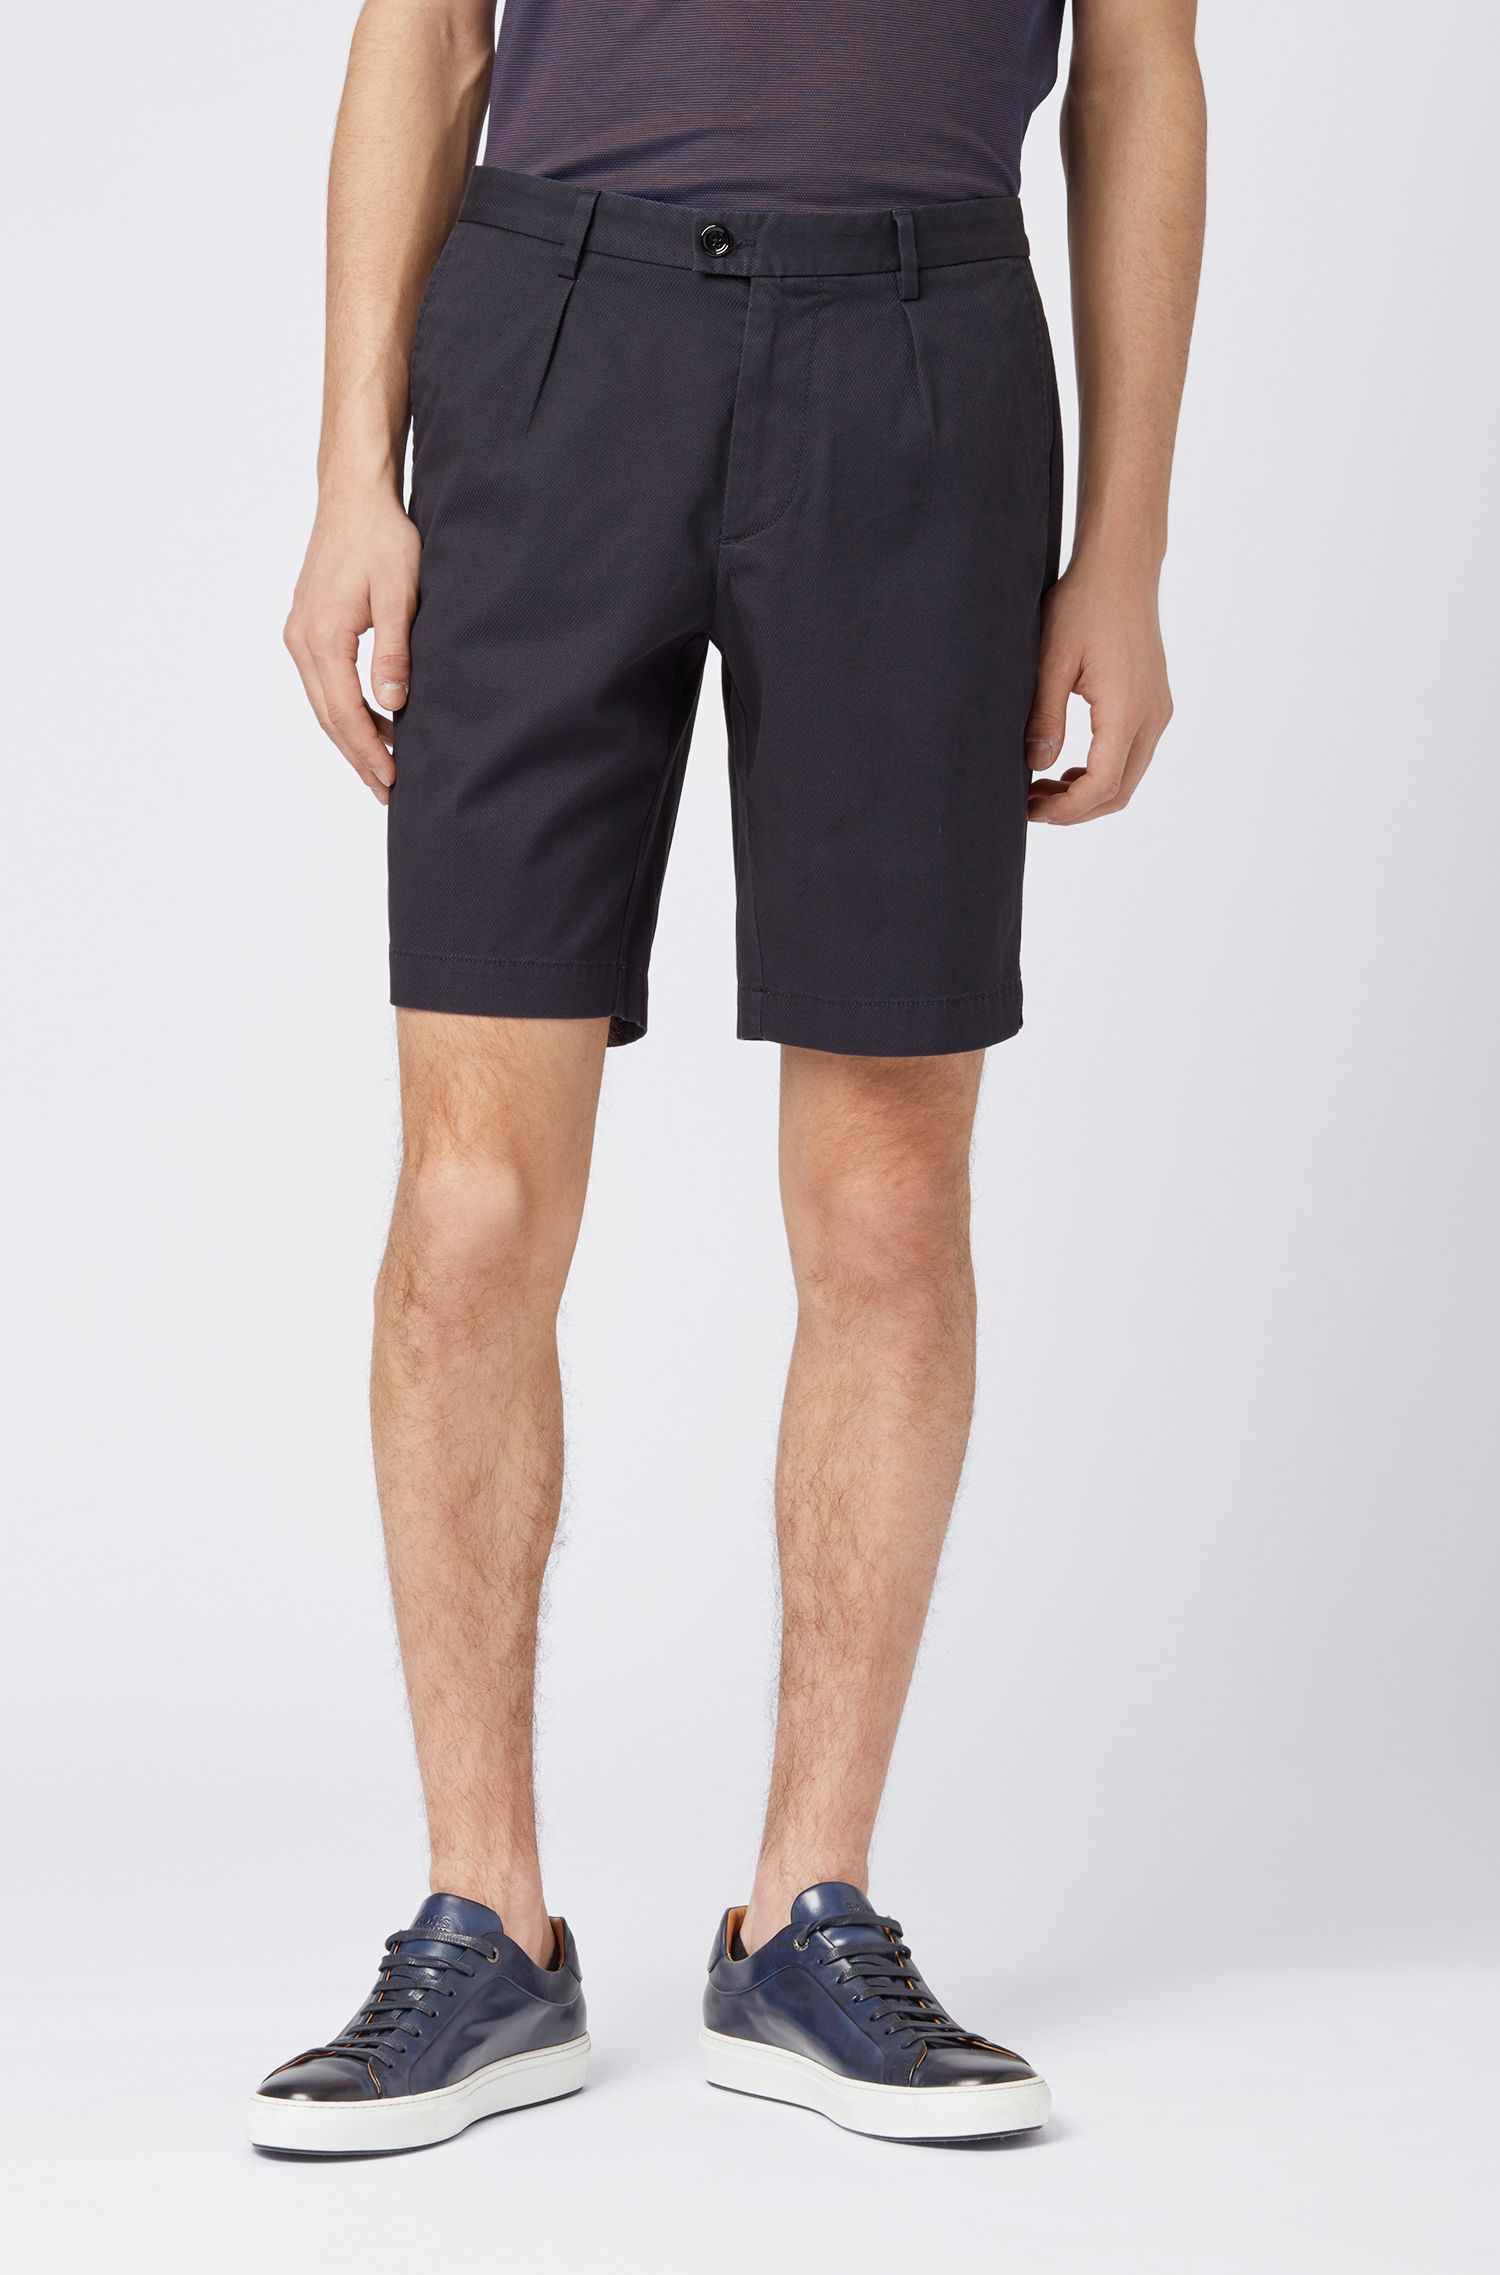 Pantaloncini slim fit in cotone elasticizzato con pince anteriori, Blu scuro